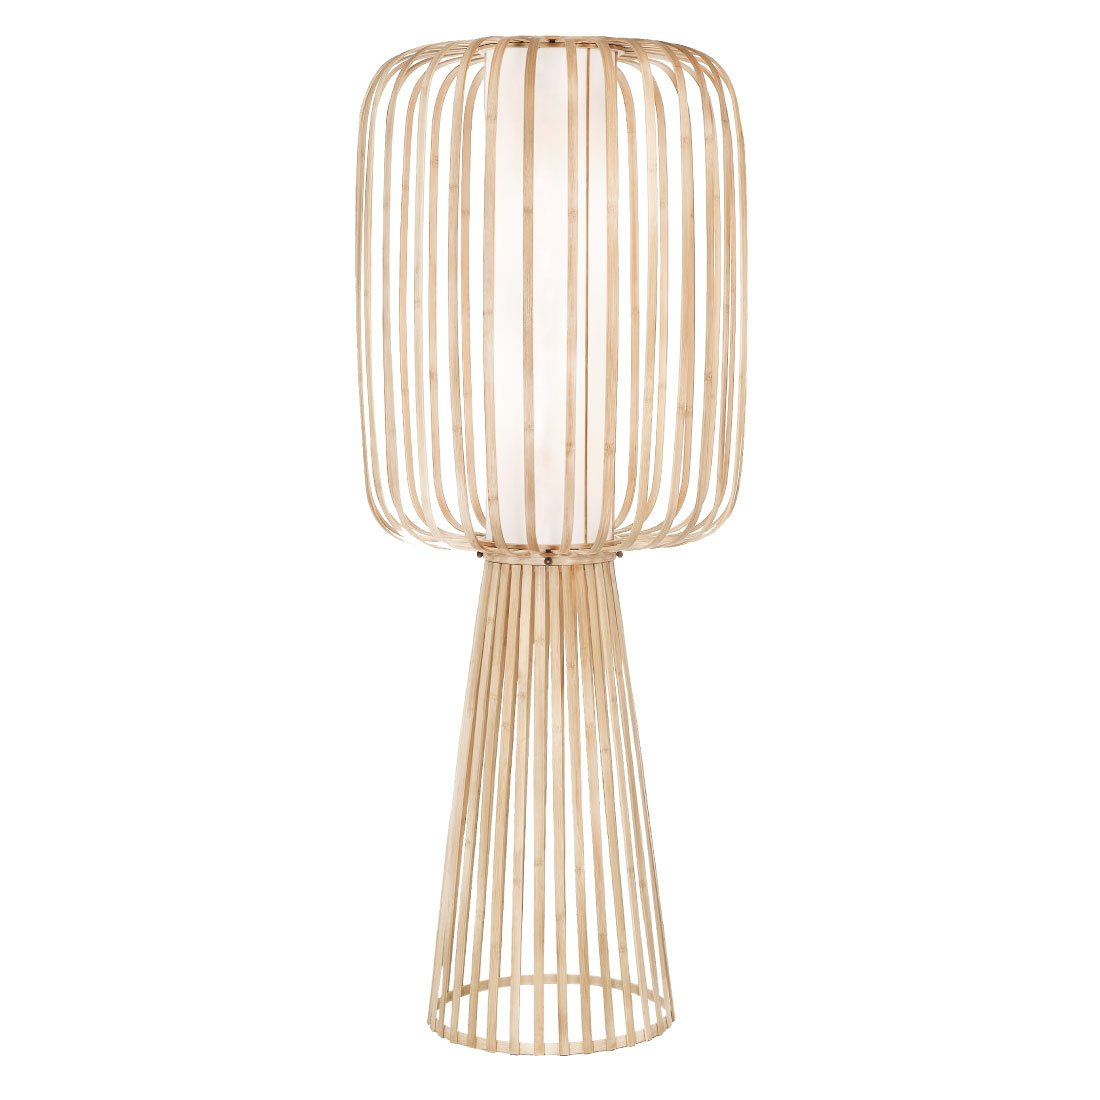 Lasfera Moolin Large Vloerlamp